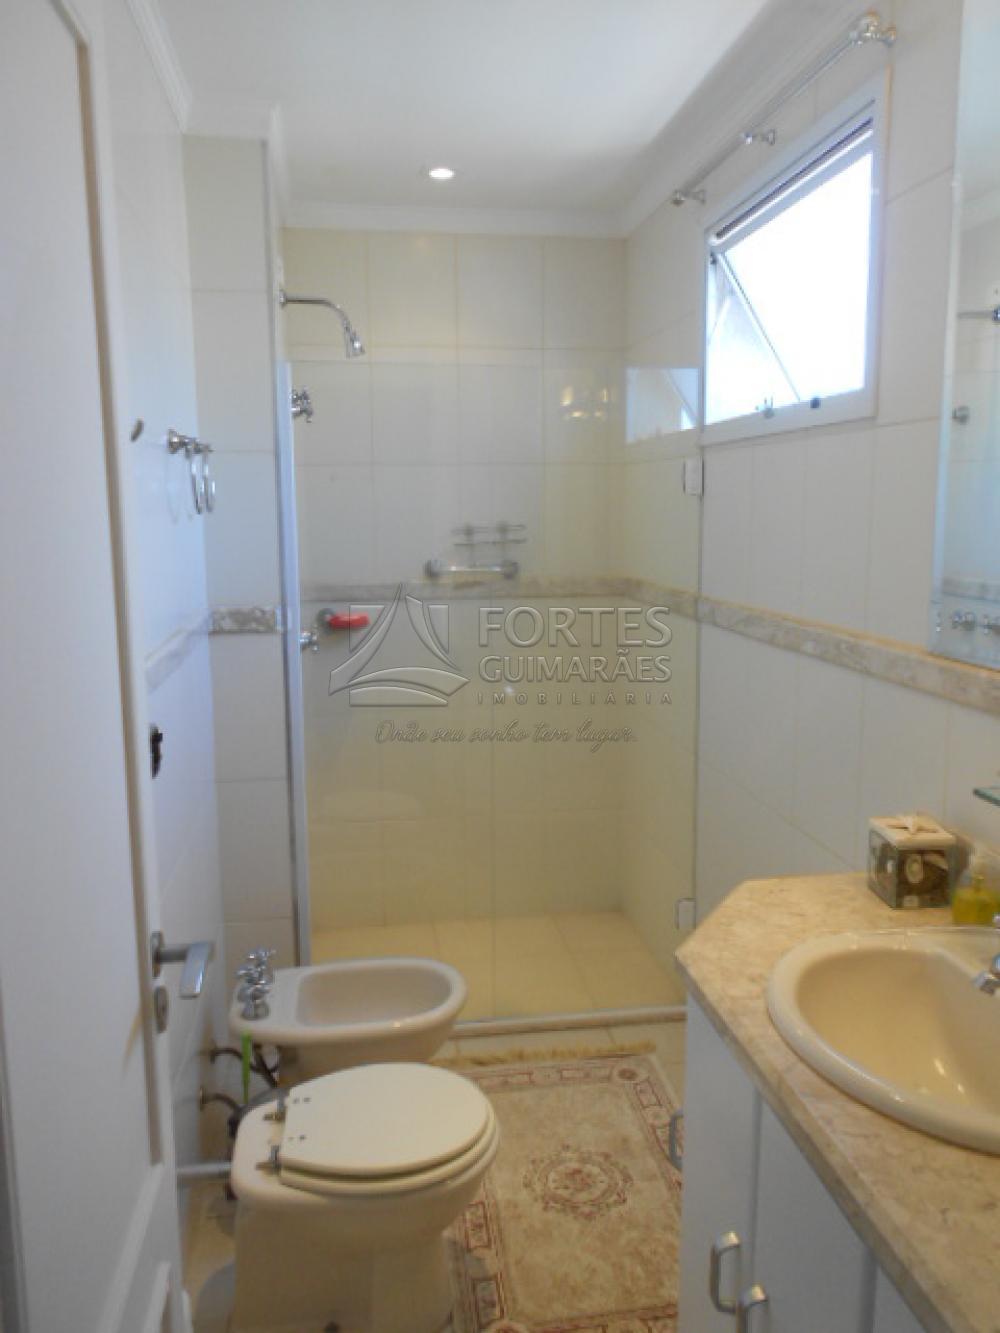 Alugar Apartamentos / Padrão em Ribeirão Preto apenas R$ 5.000,00 - Foto 29